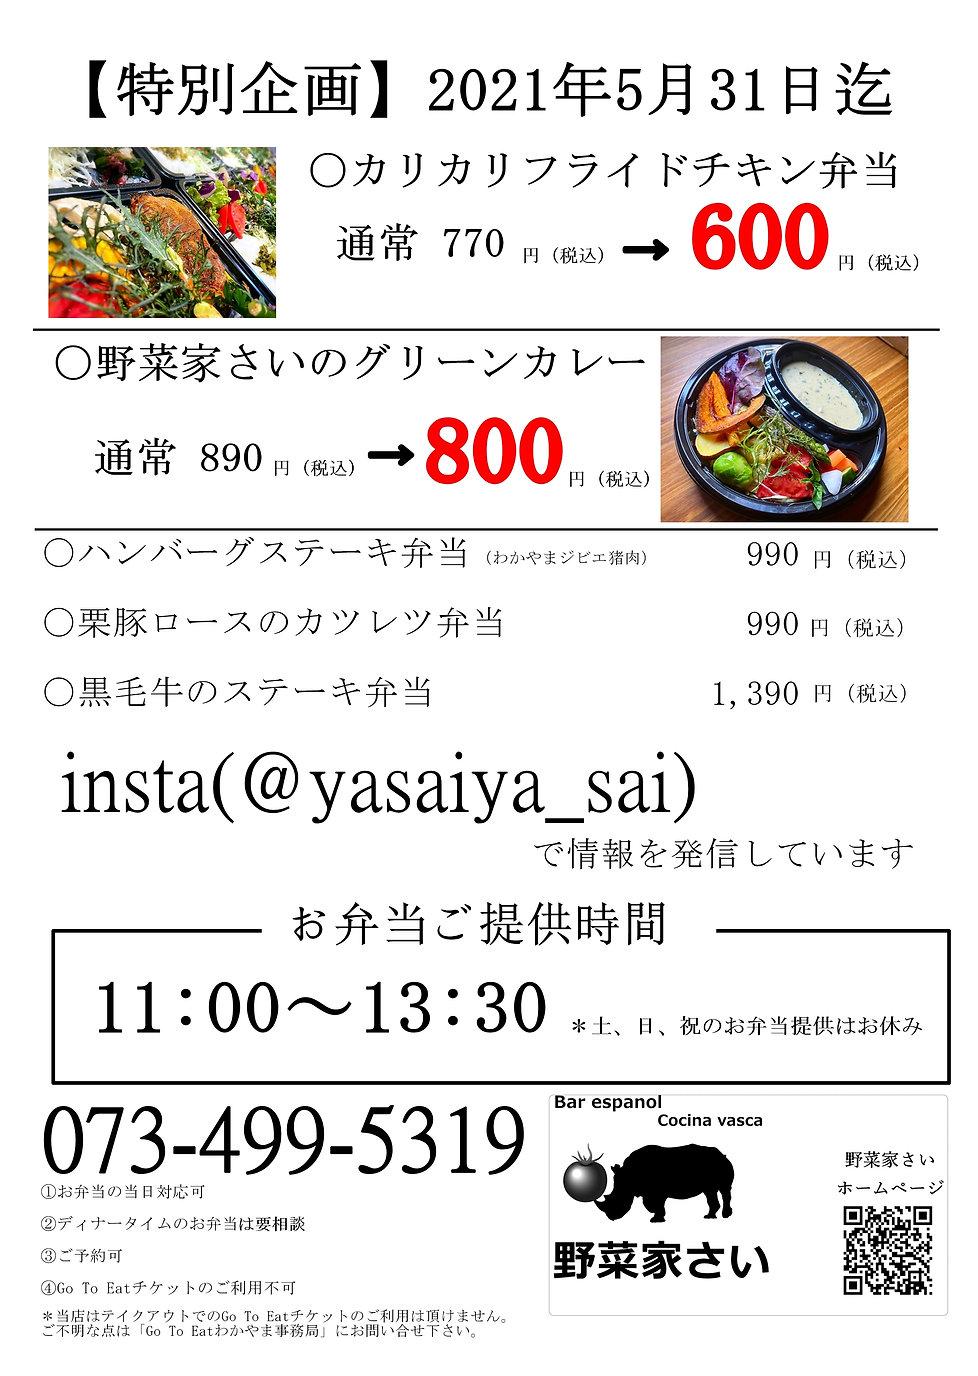 お弁当 - コピー.jpeg